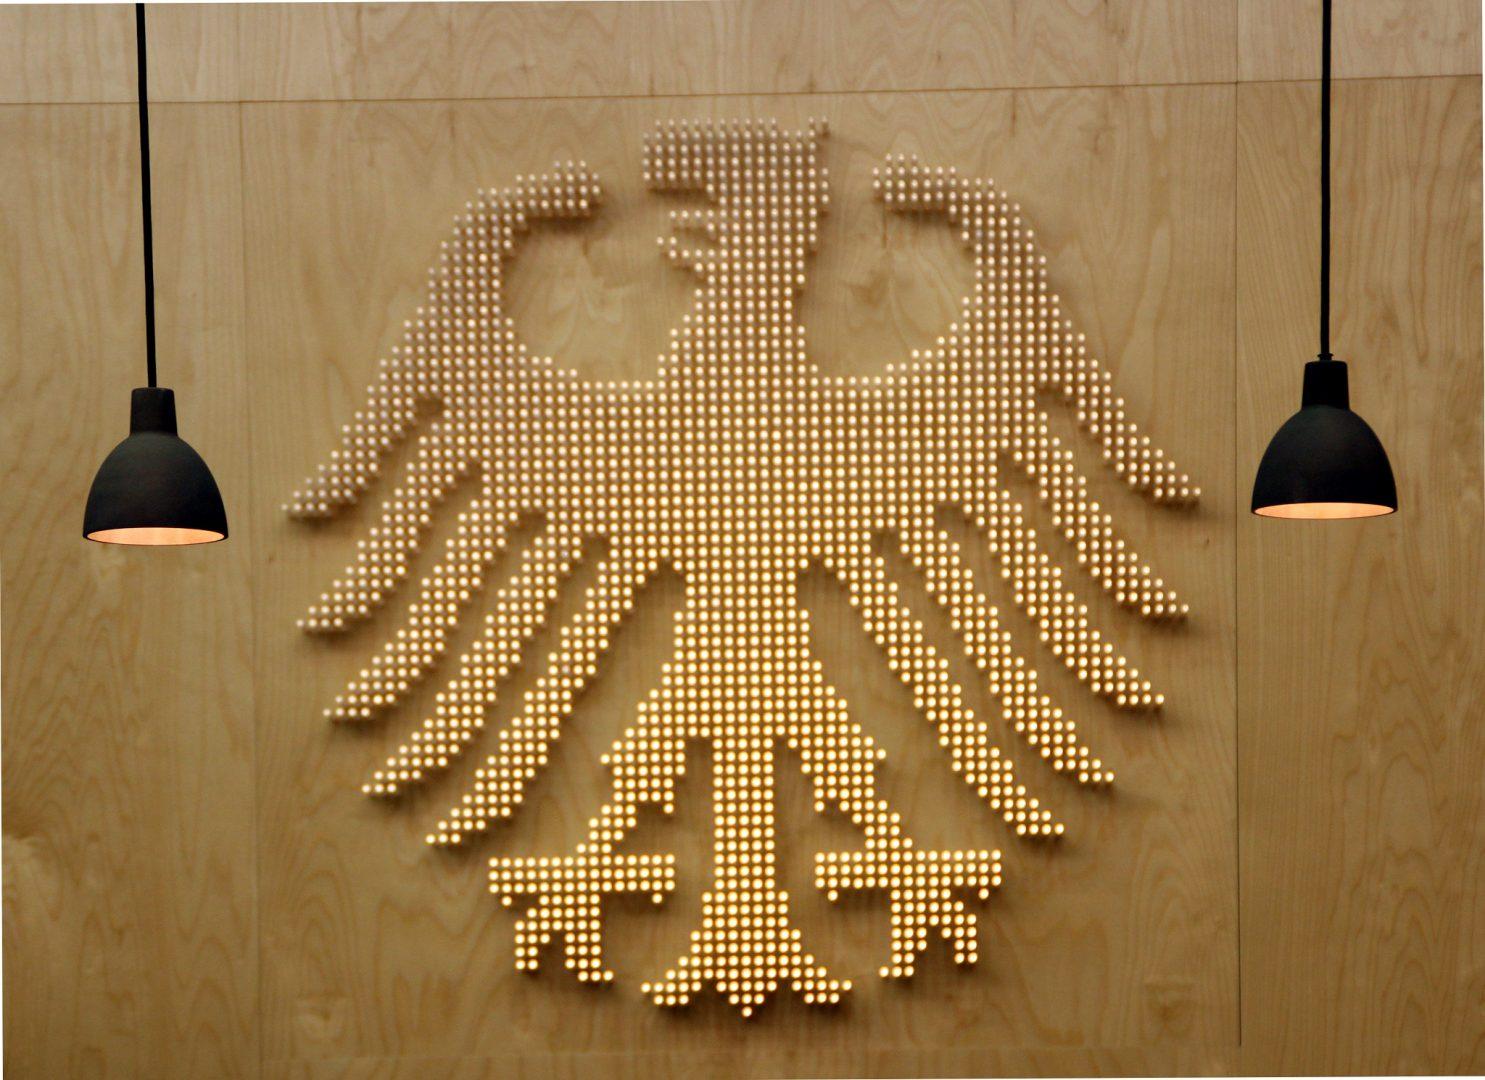 Niemiecki Trybunał Konstytucyjny/fot. Hilarmont/CC BY-SA 3.0/Wikimedia Commons